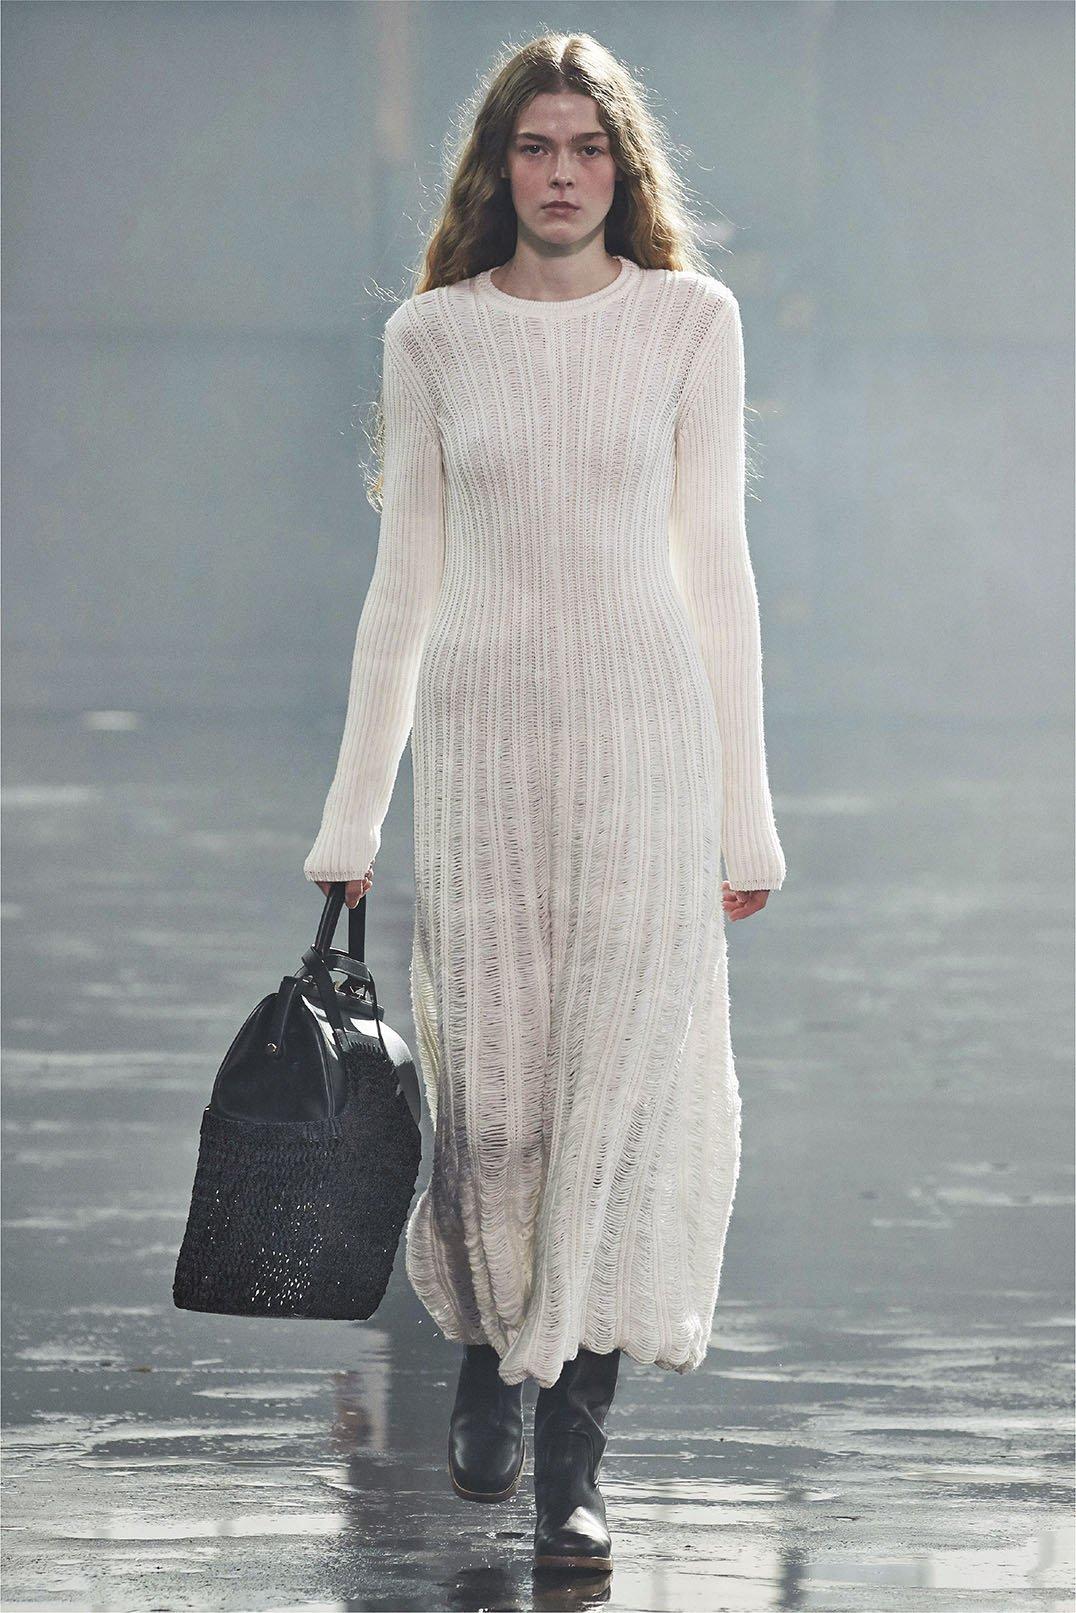 tendenze moda inverno 2022